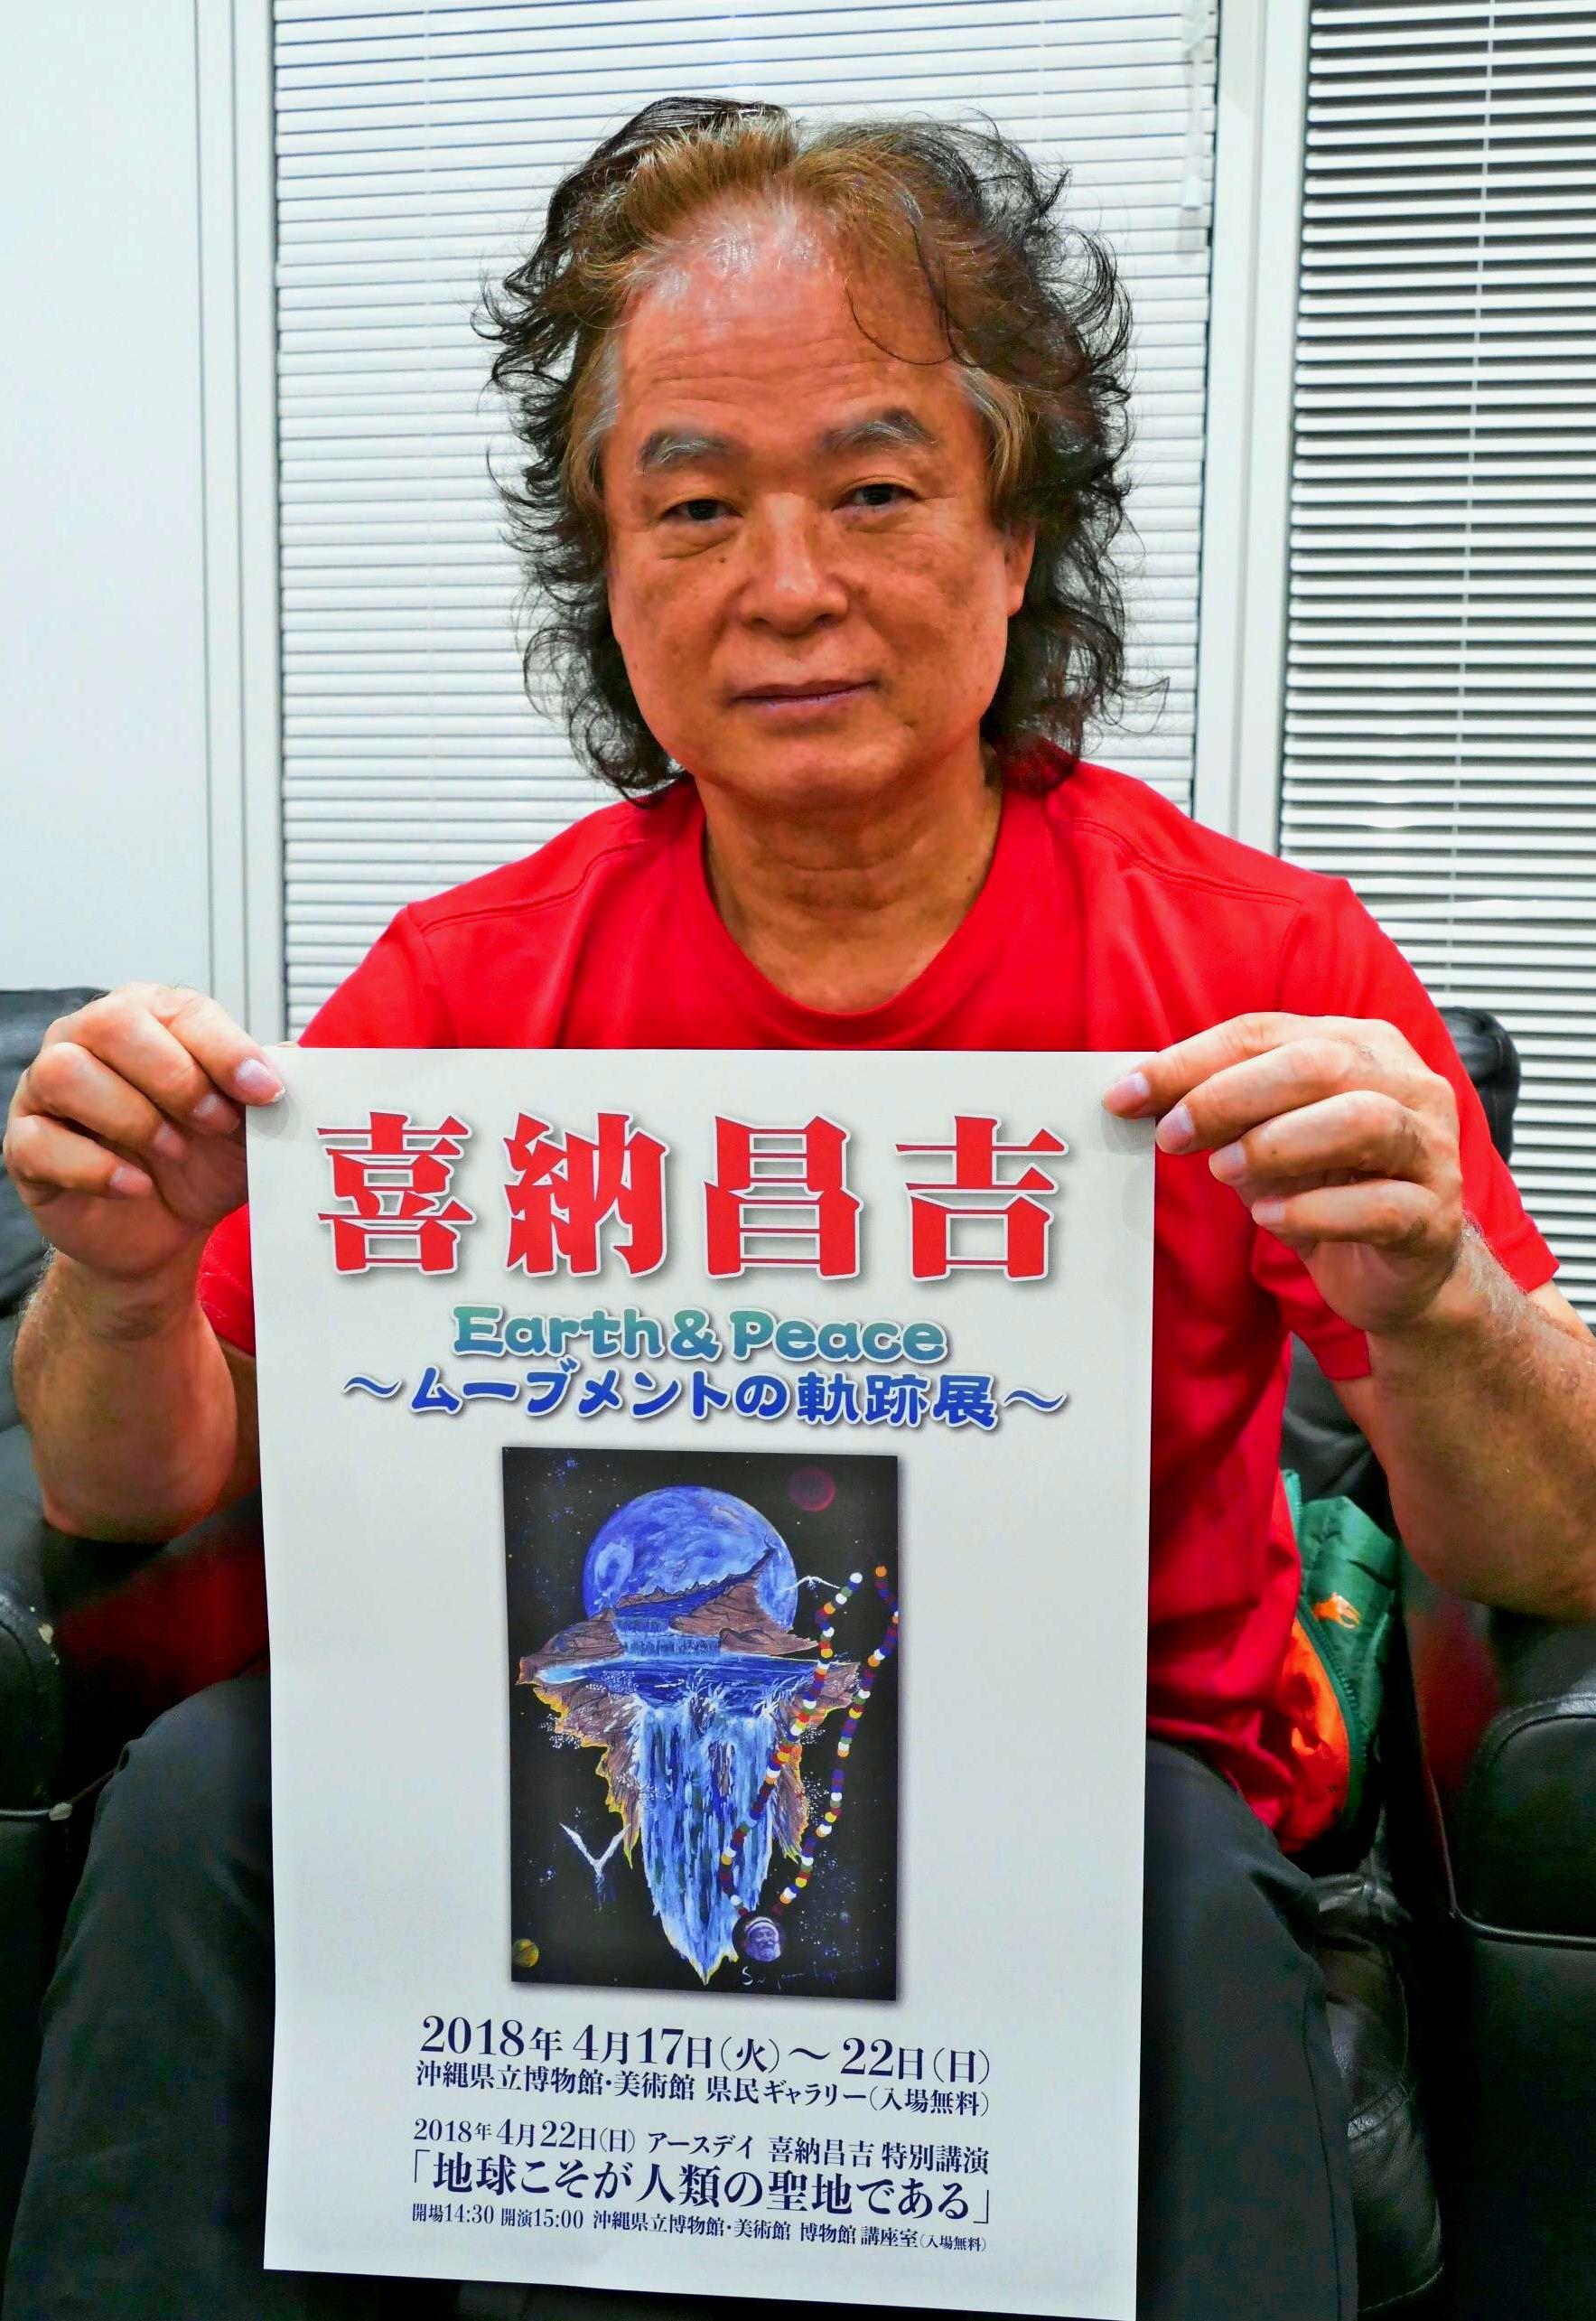 ハイサイおじさんの衝撃、世界に広がる花… 喜納昌吉、音楽活動50年を振り返る